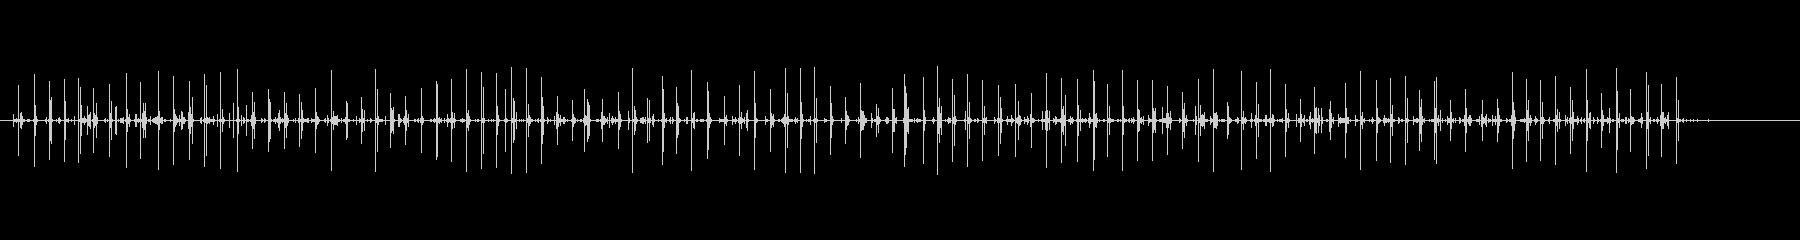 オープンソーダソーダの未再生の波形